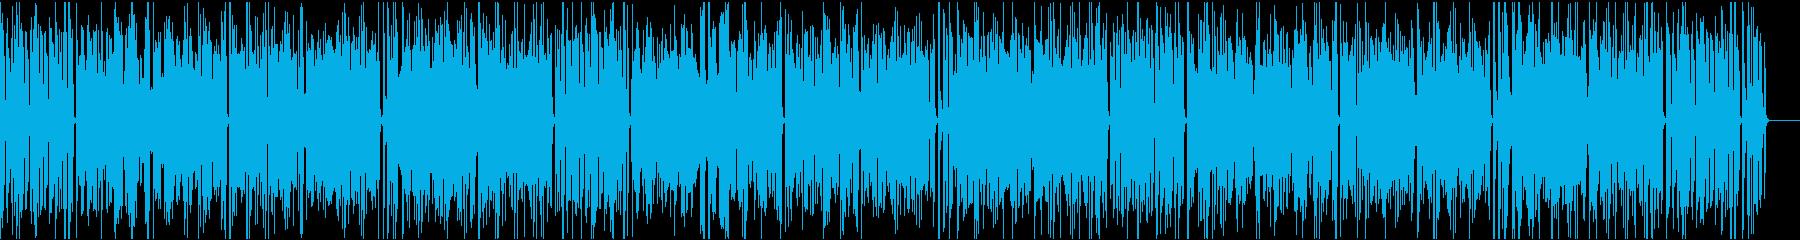 おしゃれイケイケ/静かめ/イントロ9秒の再生済みの波形